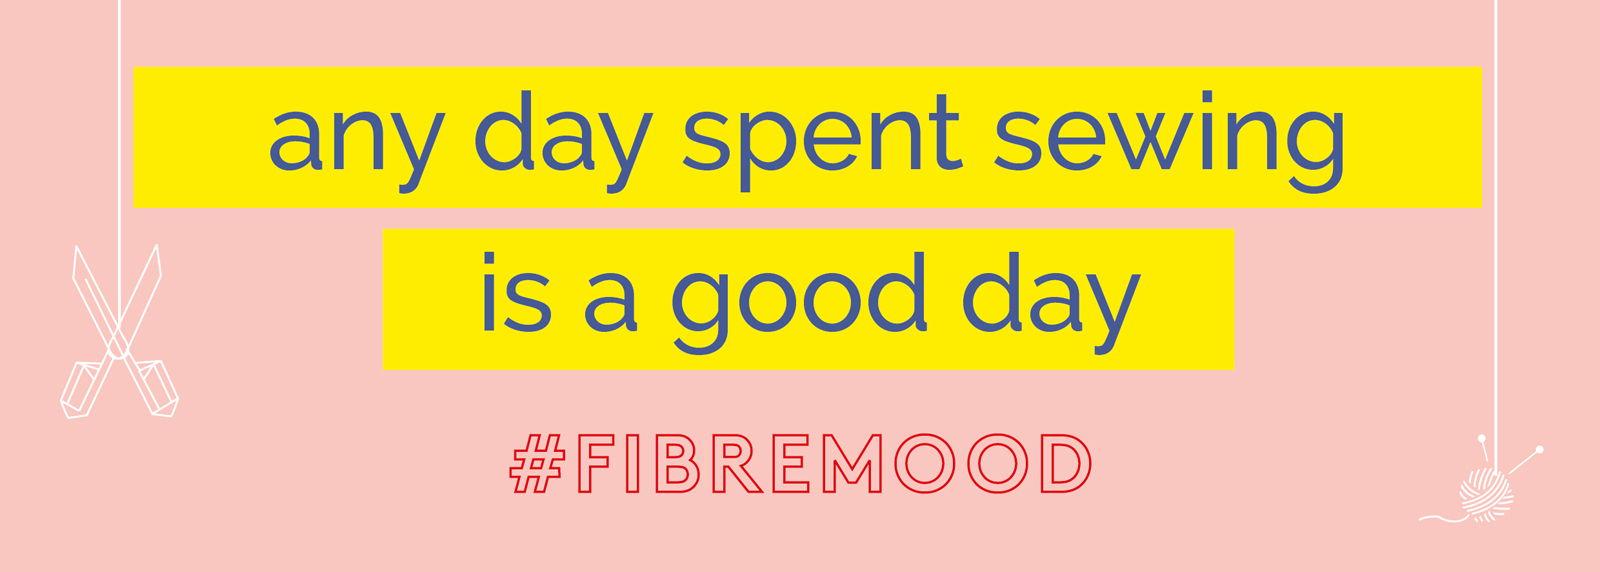 fibre mood